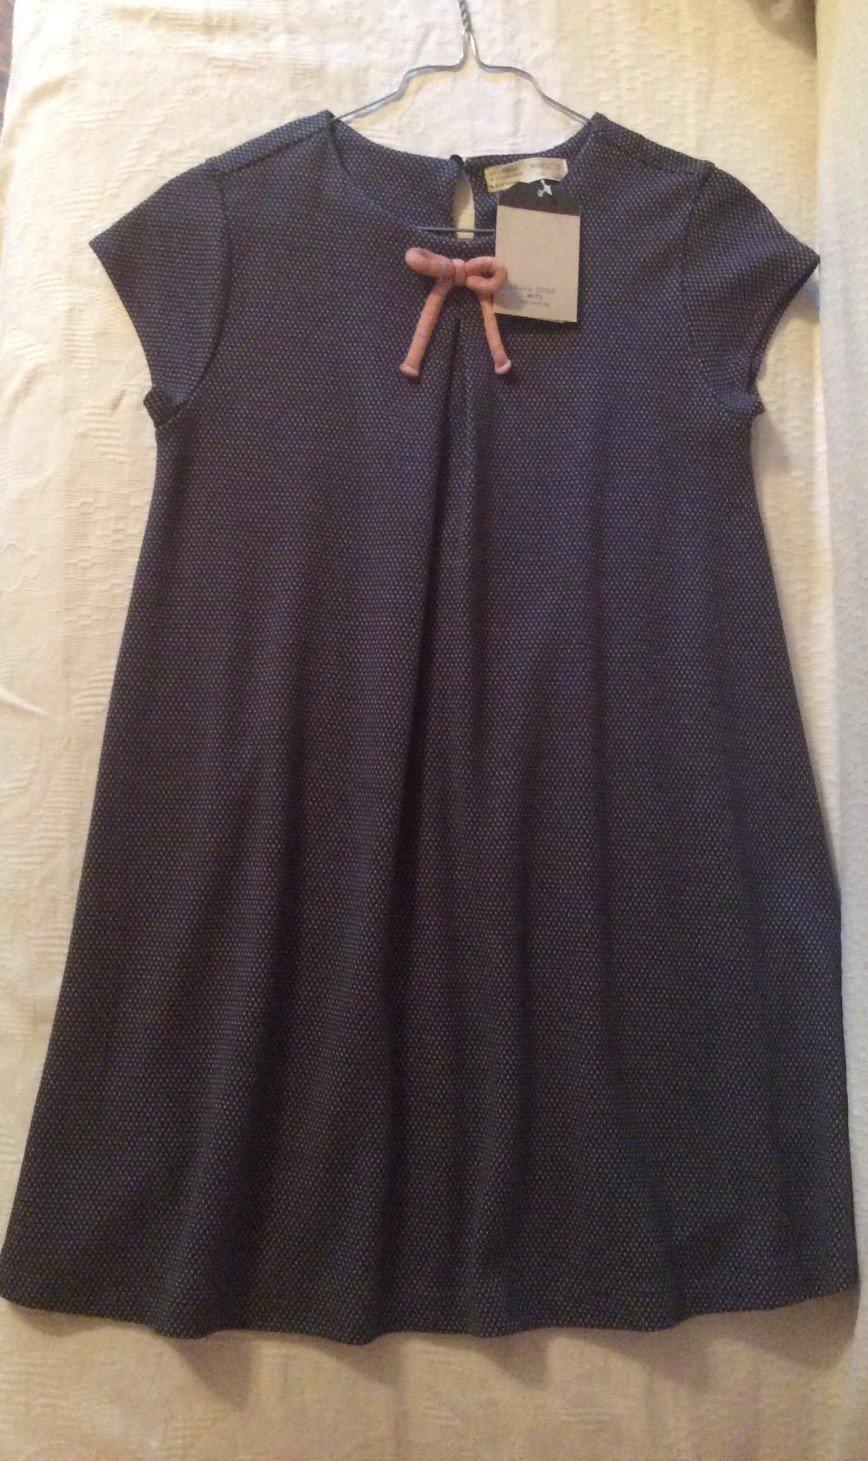 Новое платье Zara kids 152 Плотный мягкий трикотаж, на каждый день и на праздник Ценник 1800, отдам за 1200